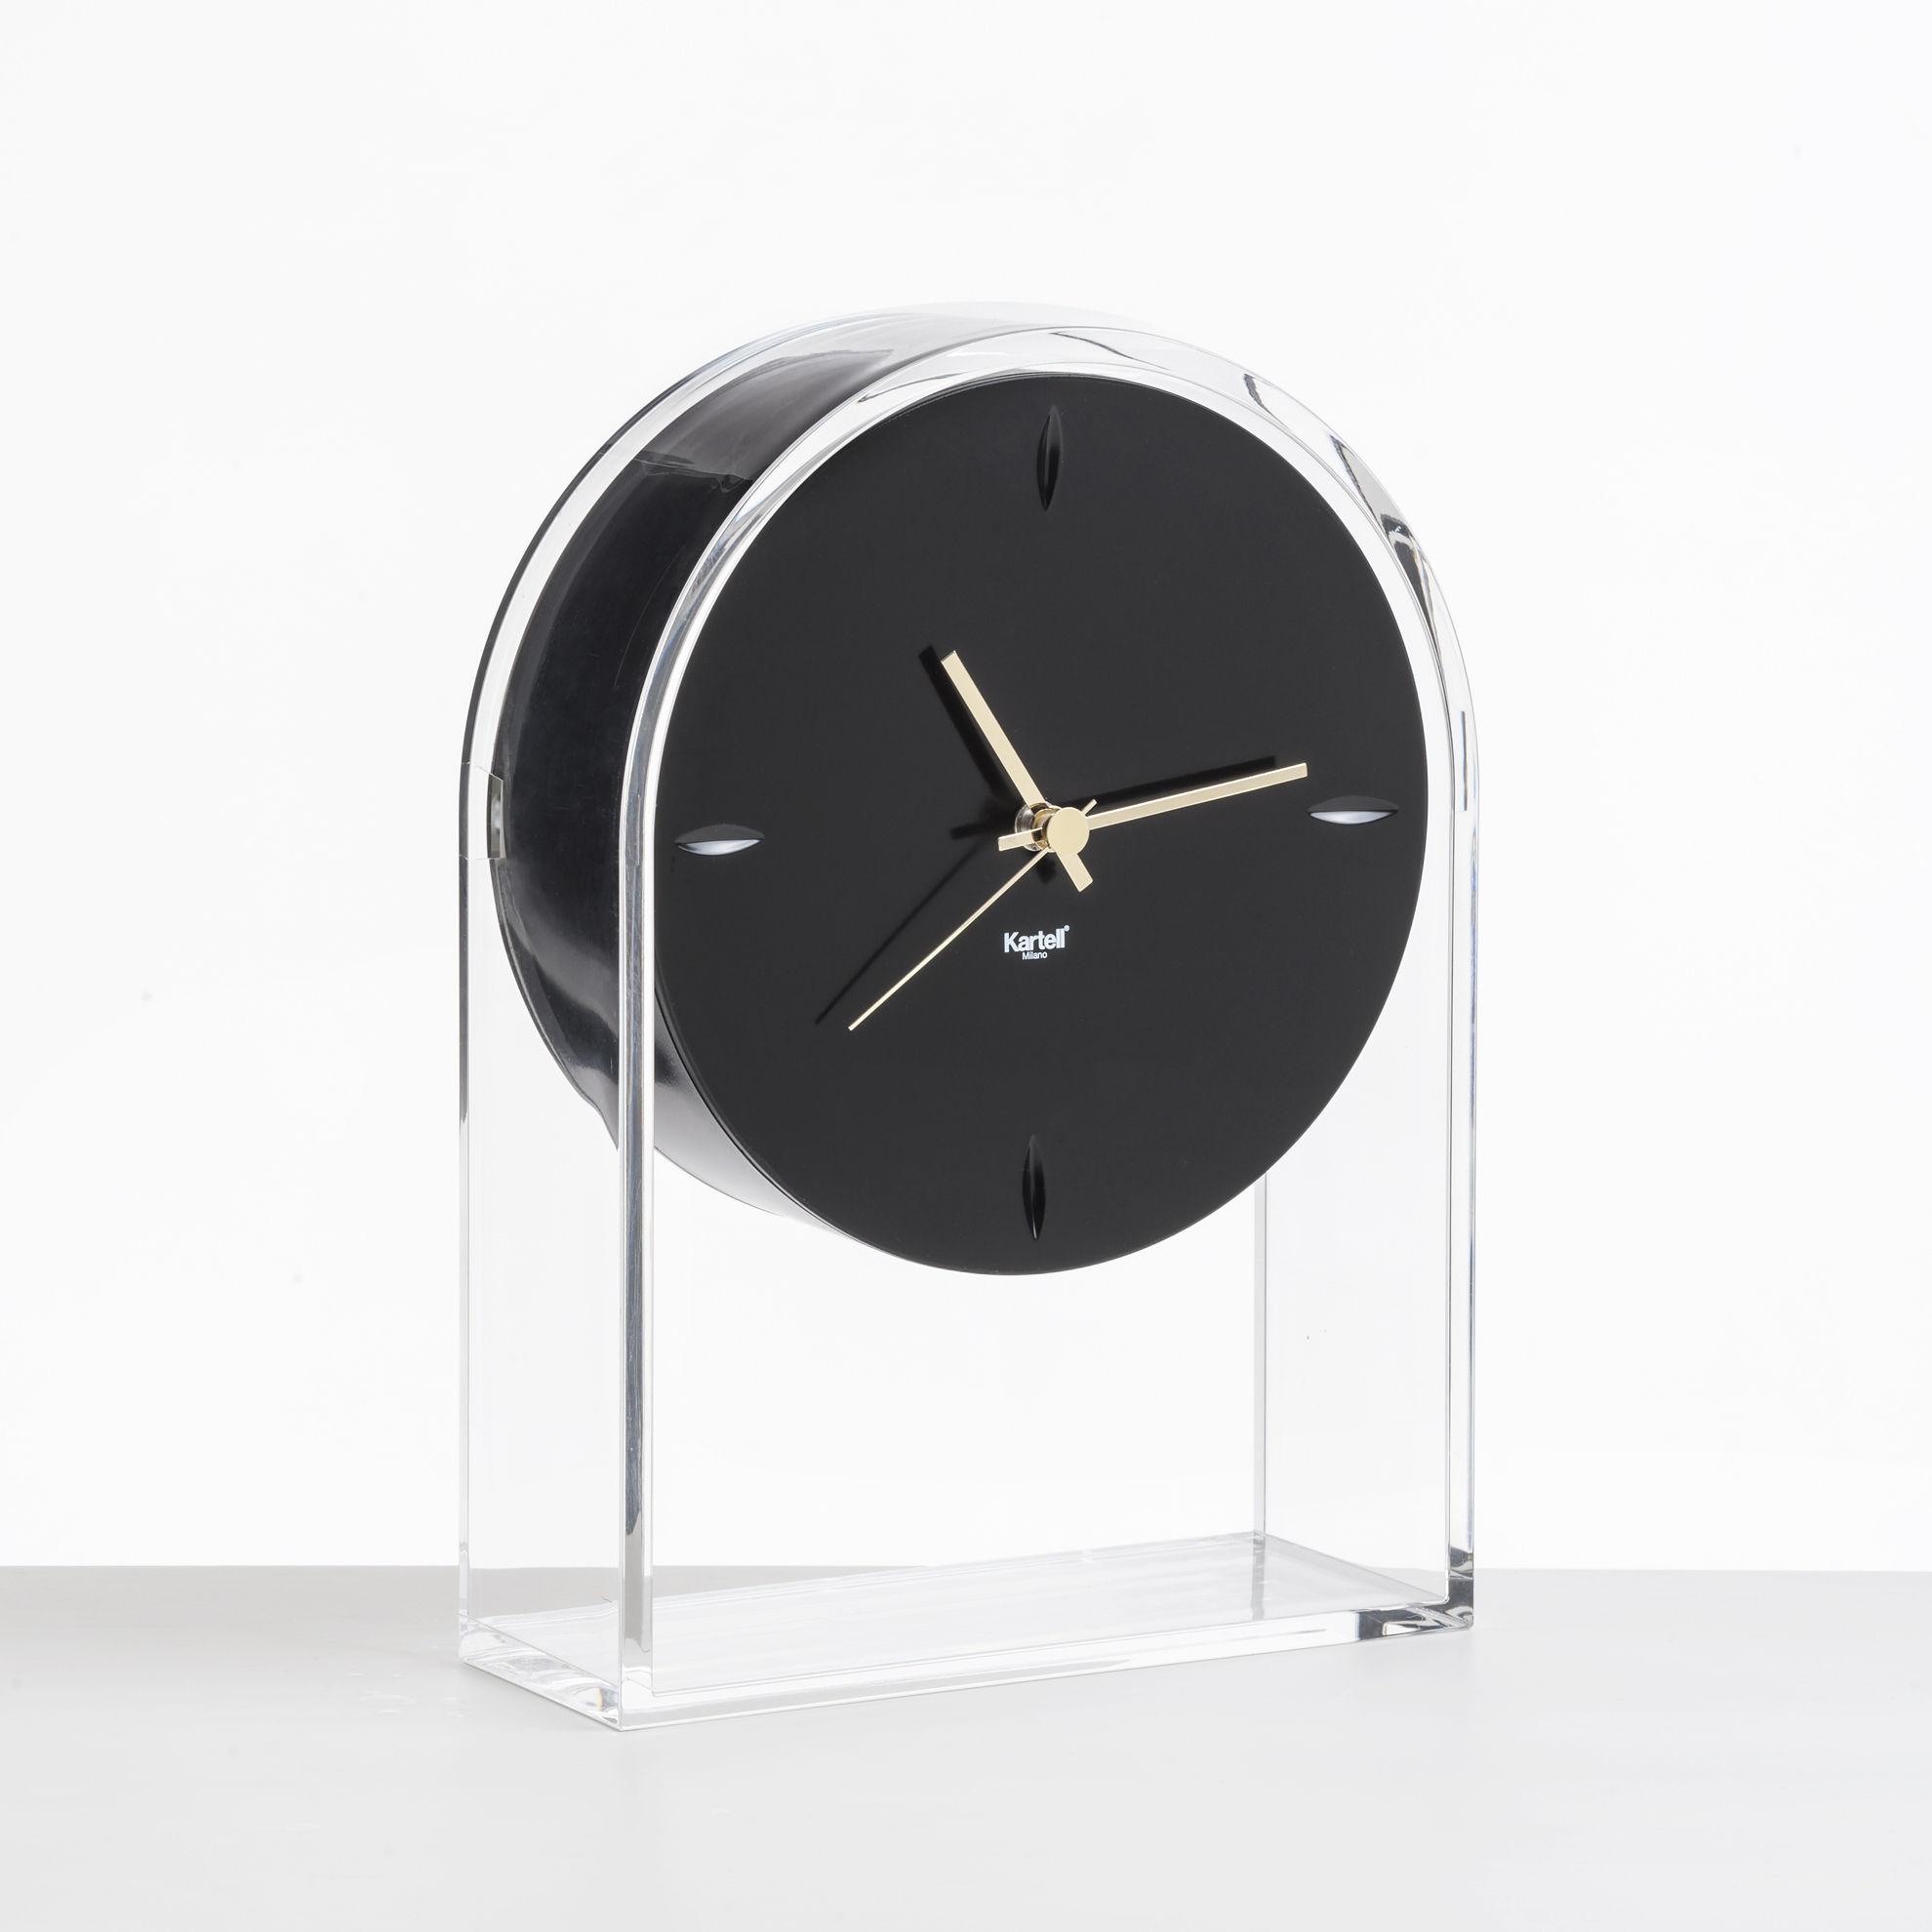 Interni - Orologi  - Orologio da posare L'Air du temps - / H 30 cm di Kartell - Nero / Cristallo - Technopolymère thermoplastique